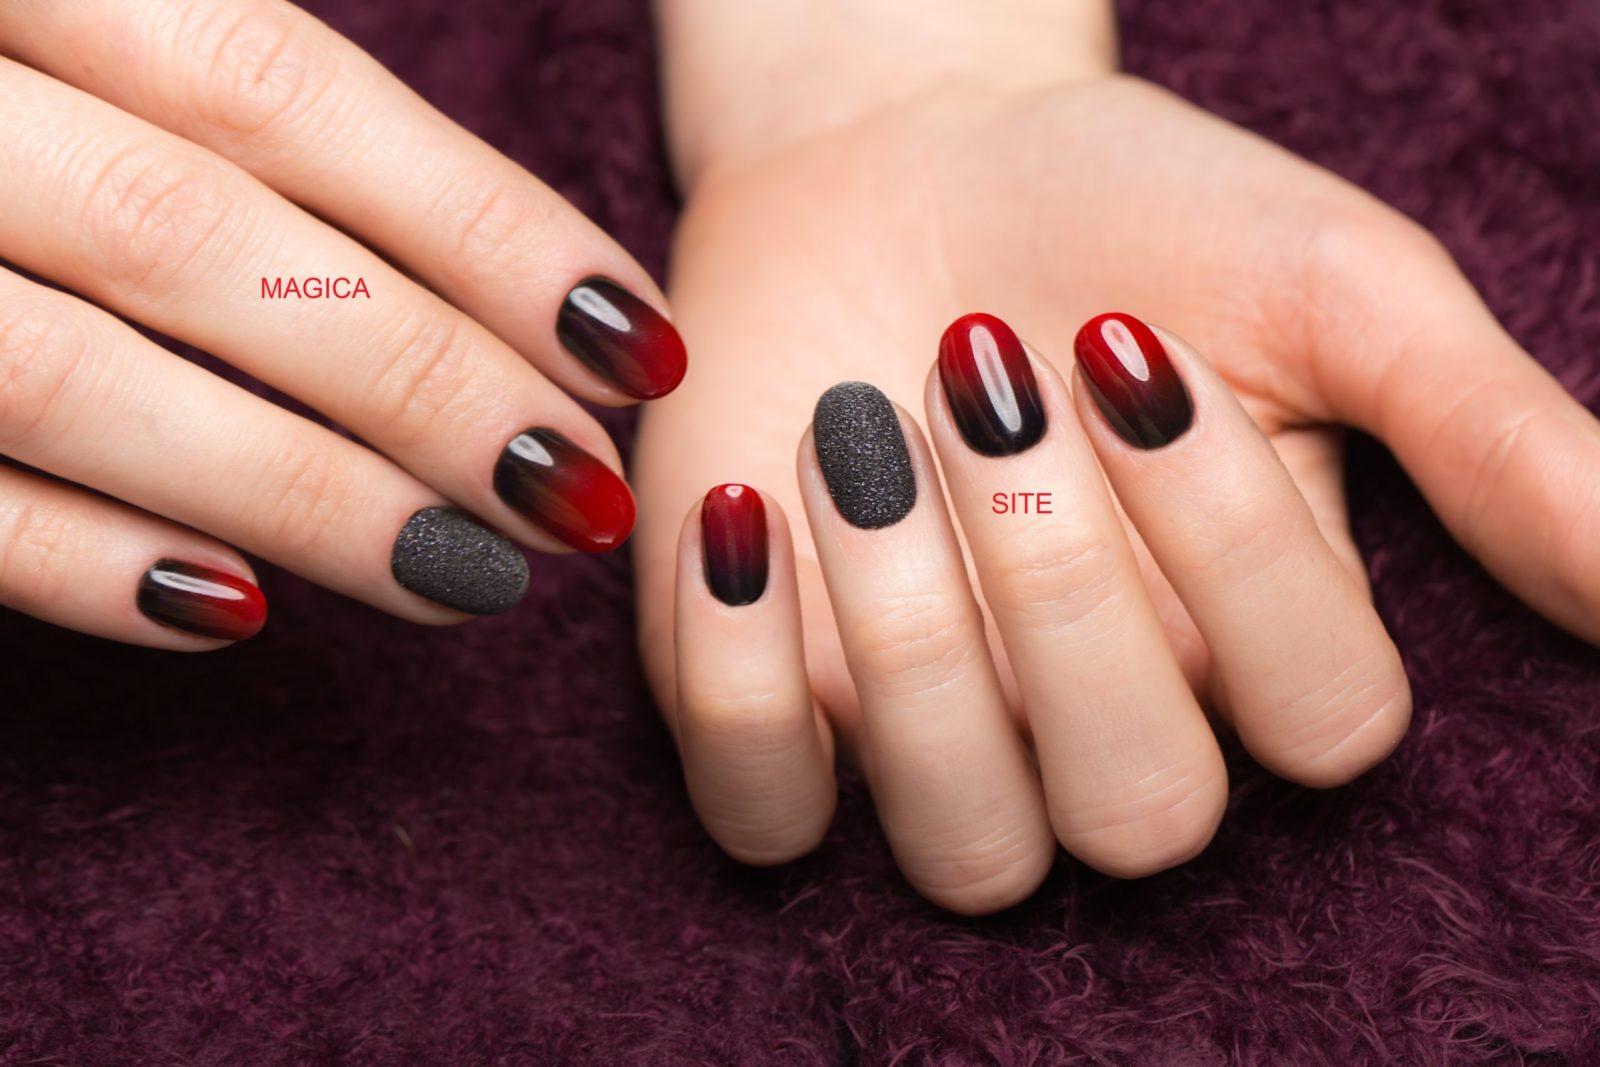 осенний маникюр, комбинированный маникюр, омбре, маникюр градиент, красные ногти, чёрный маникюр, дизайн ногтей, чёрные блёстки маникюр